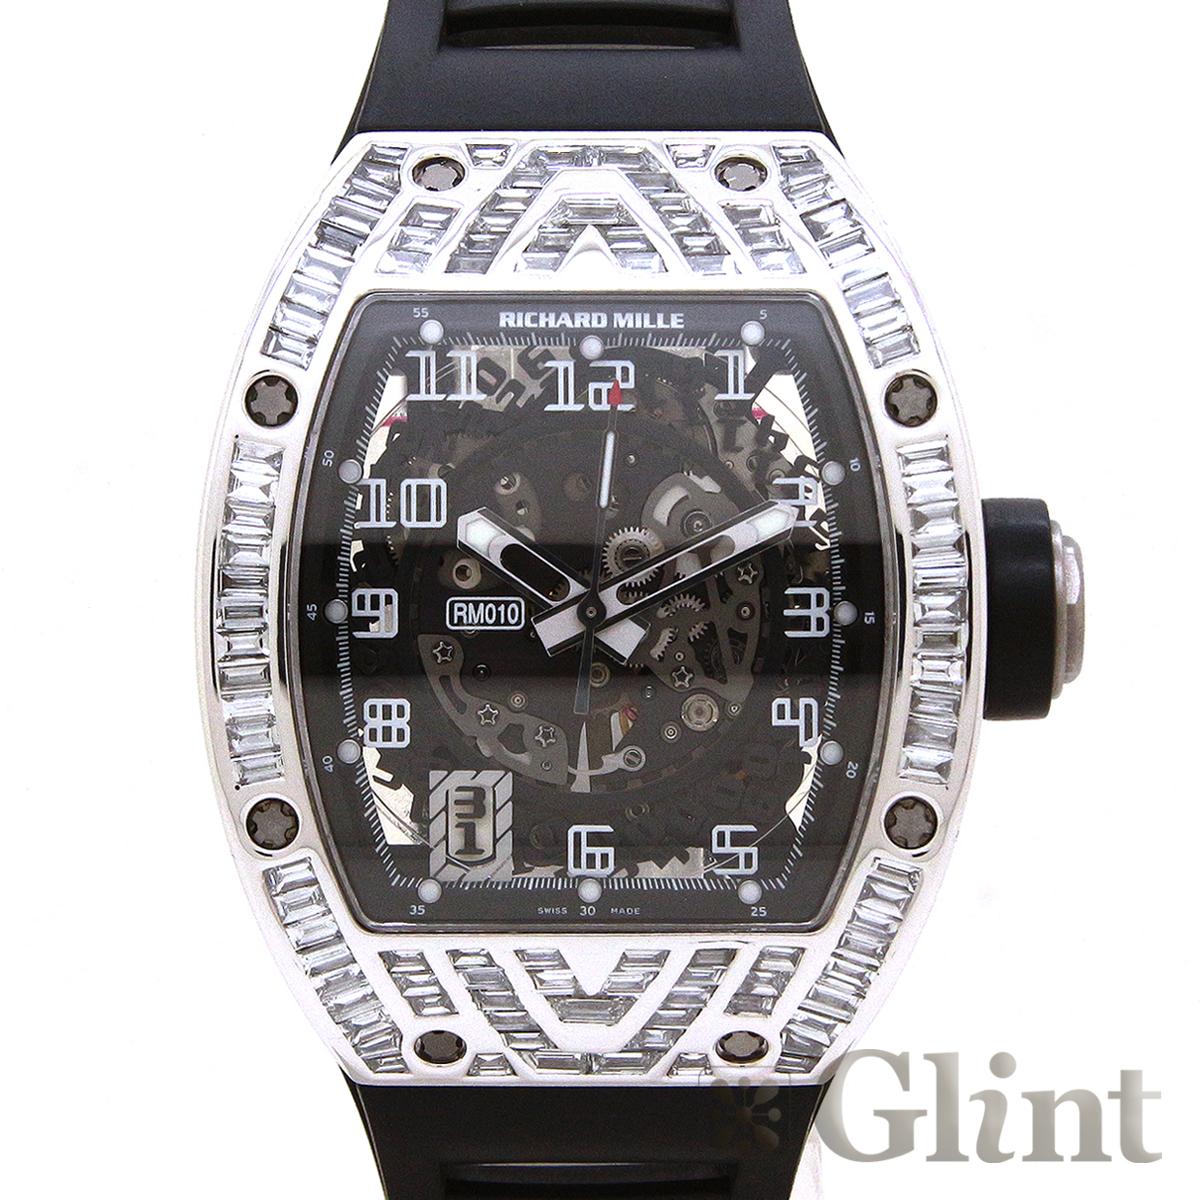 リシャールミル【RICHARD MILLE】RM010 オートマティック 18Kホワイトゴールド バゲットダイヤモンド〔腕時計〕〔メンズ〕【中古】